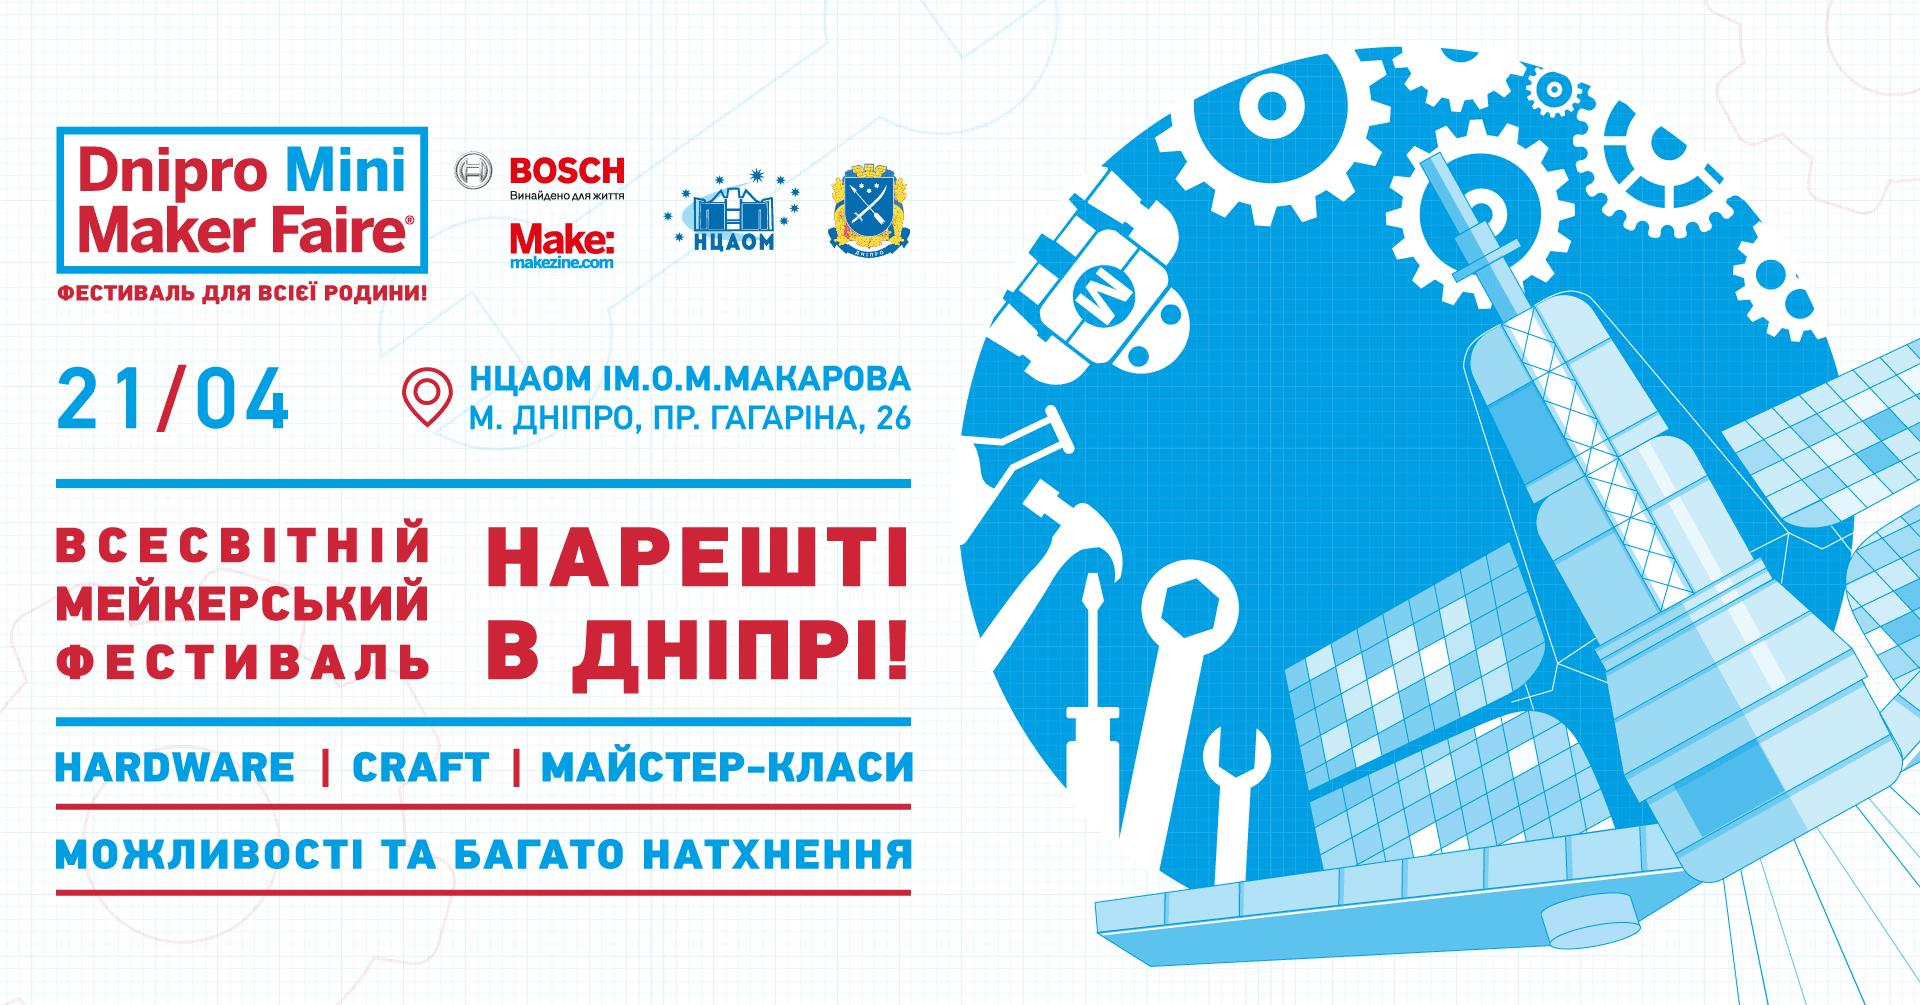 Mini Maker Faire Dnipro